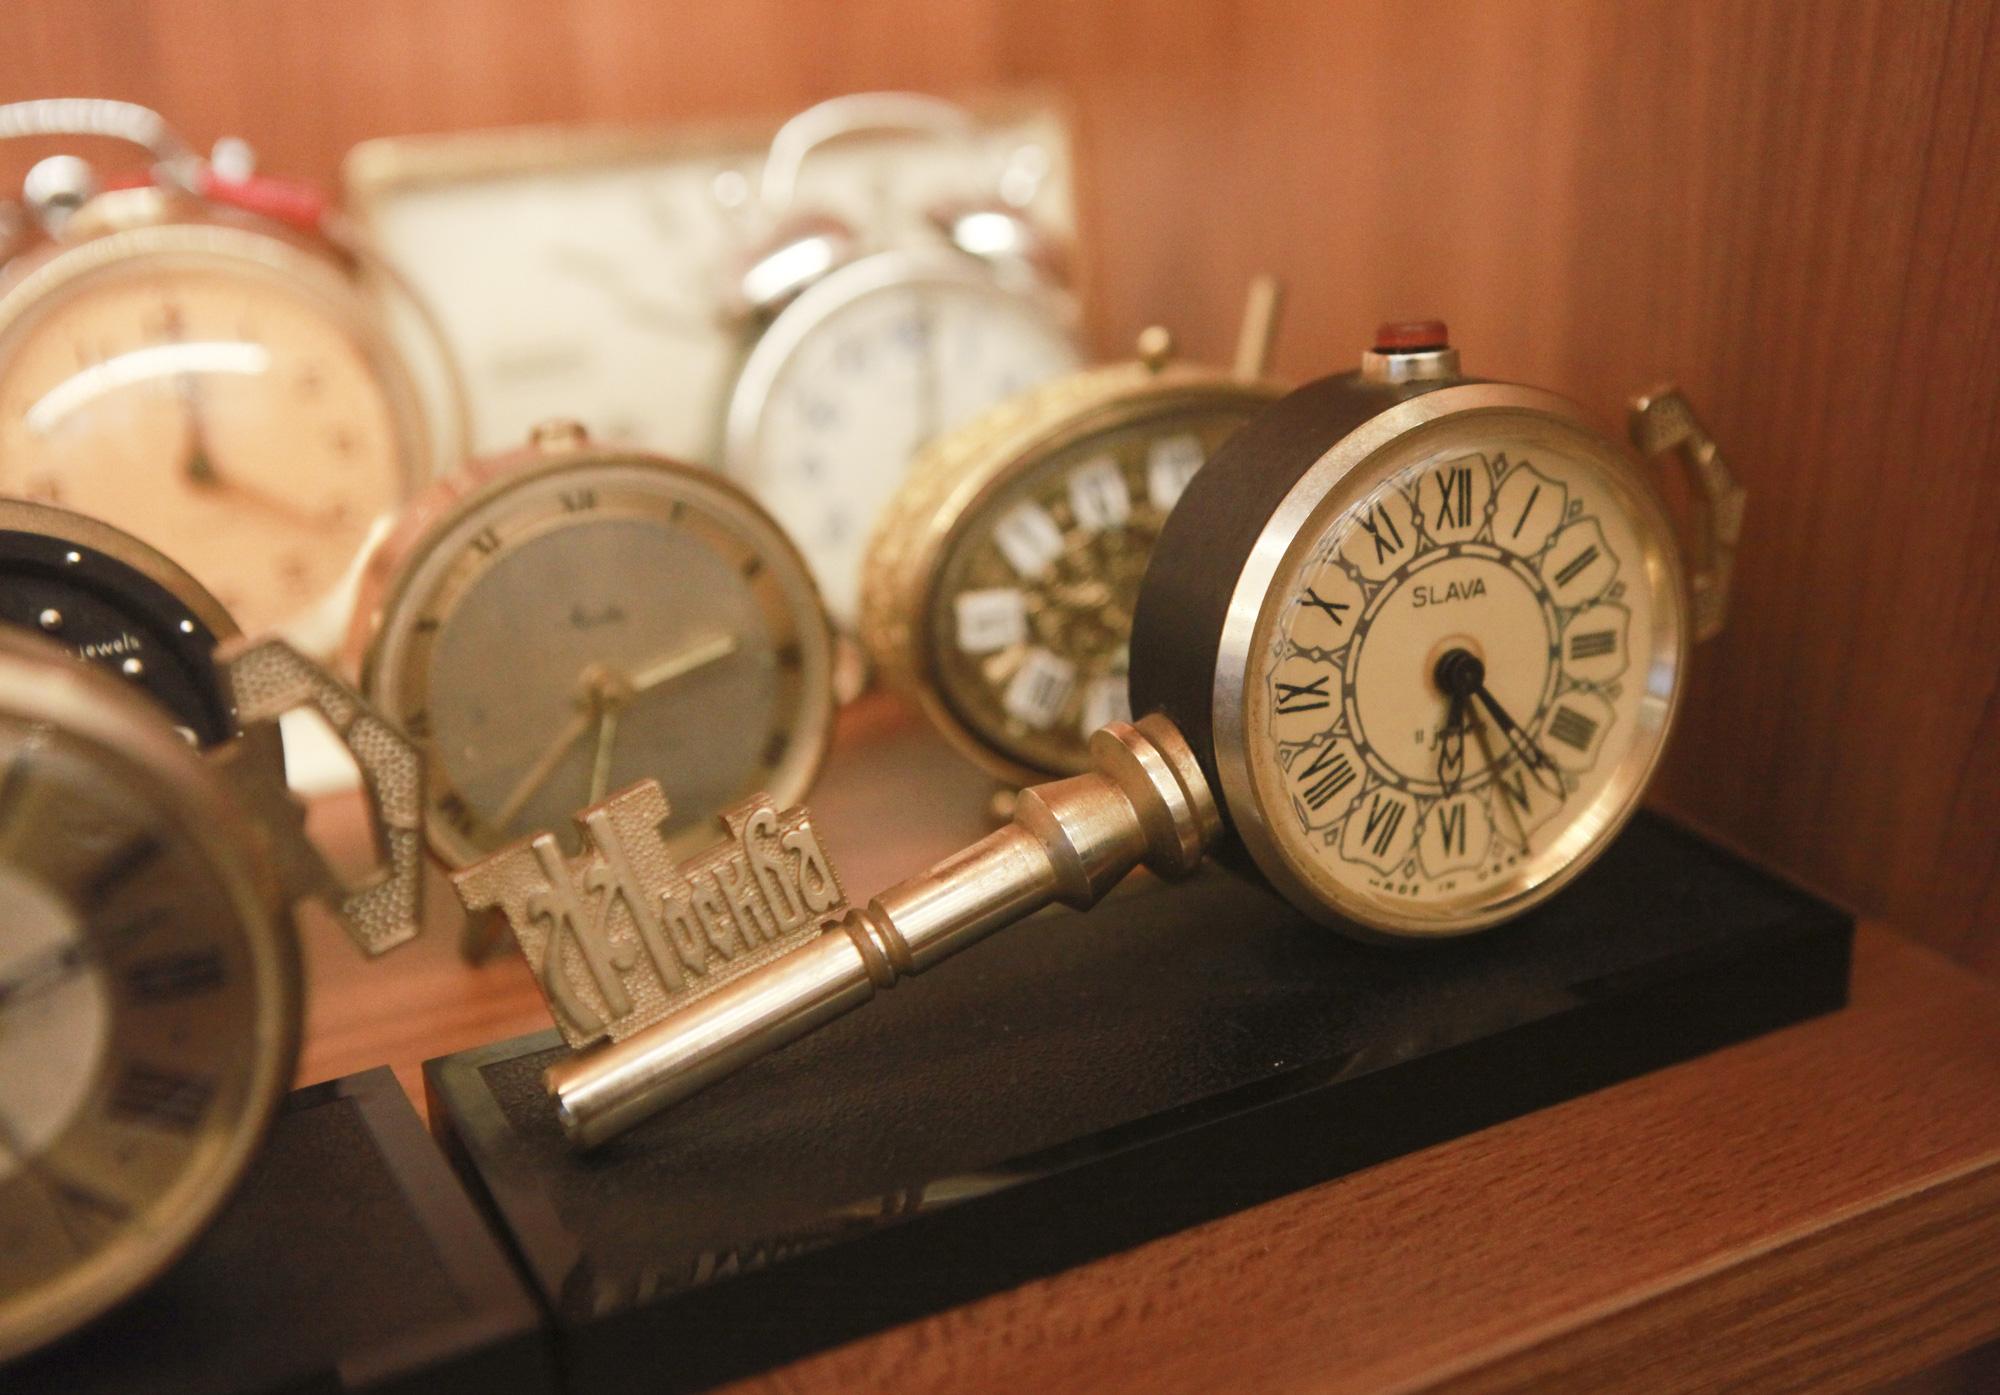 """Ông lão Hà thành và bộ sưu tập đồng hồ """"cực khủng"""", đặc biệt có chiếc có khả năng dự báo... """"bão"""" - Ảnh 7."""